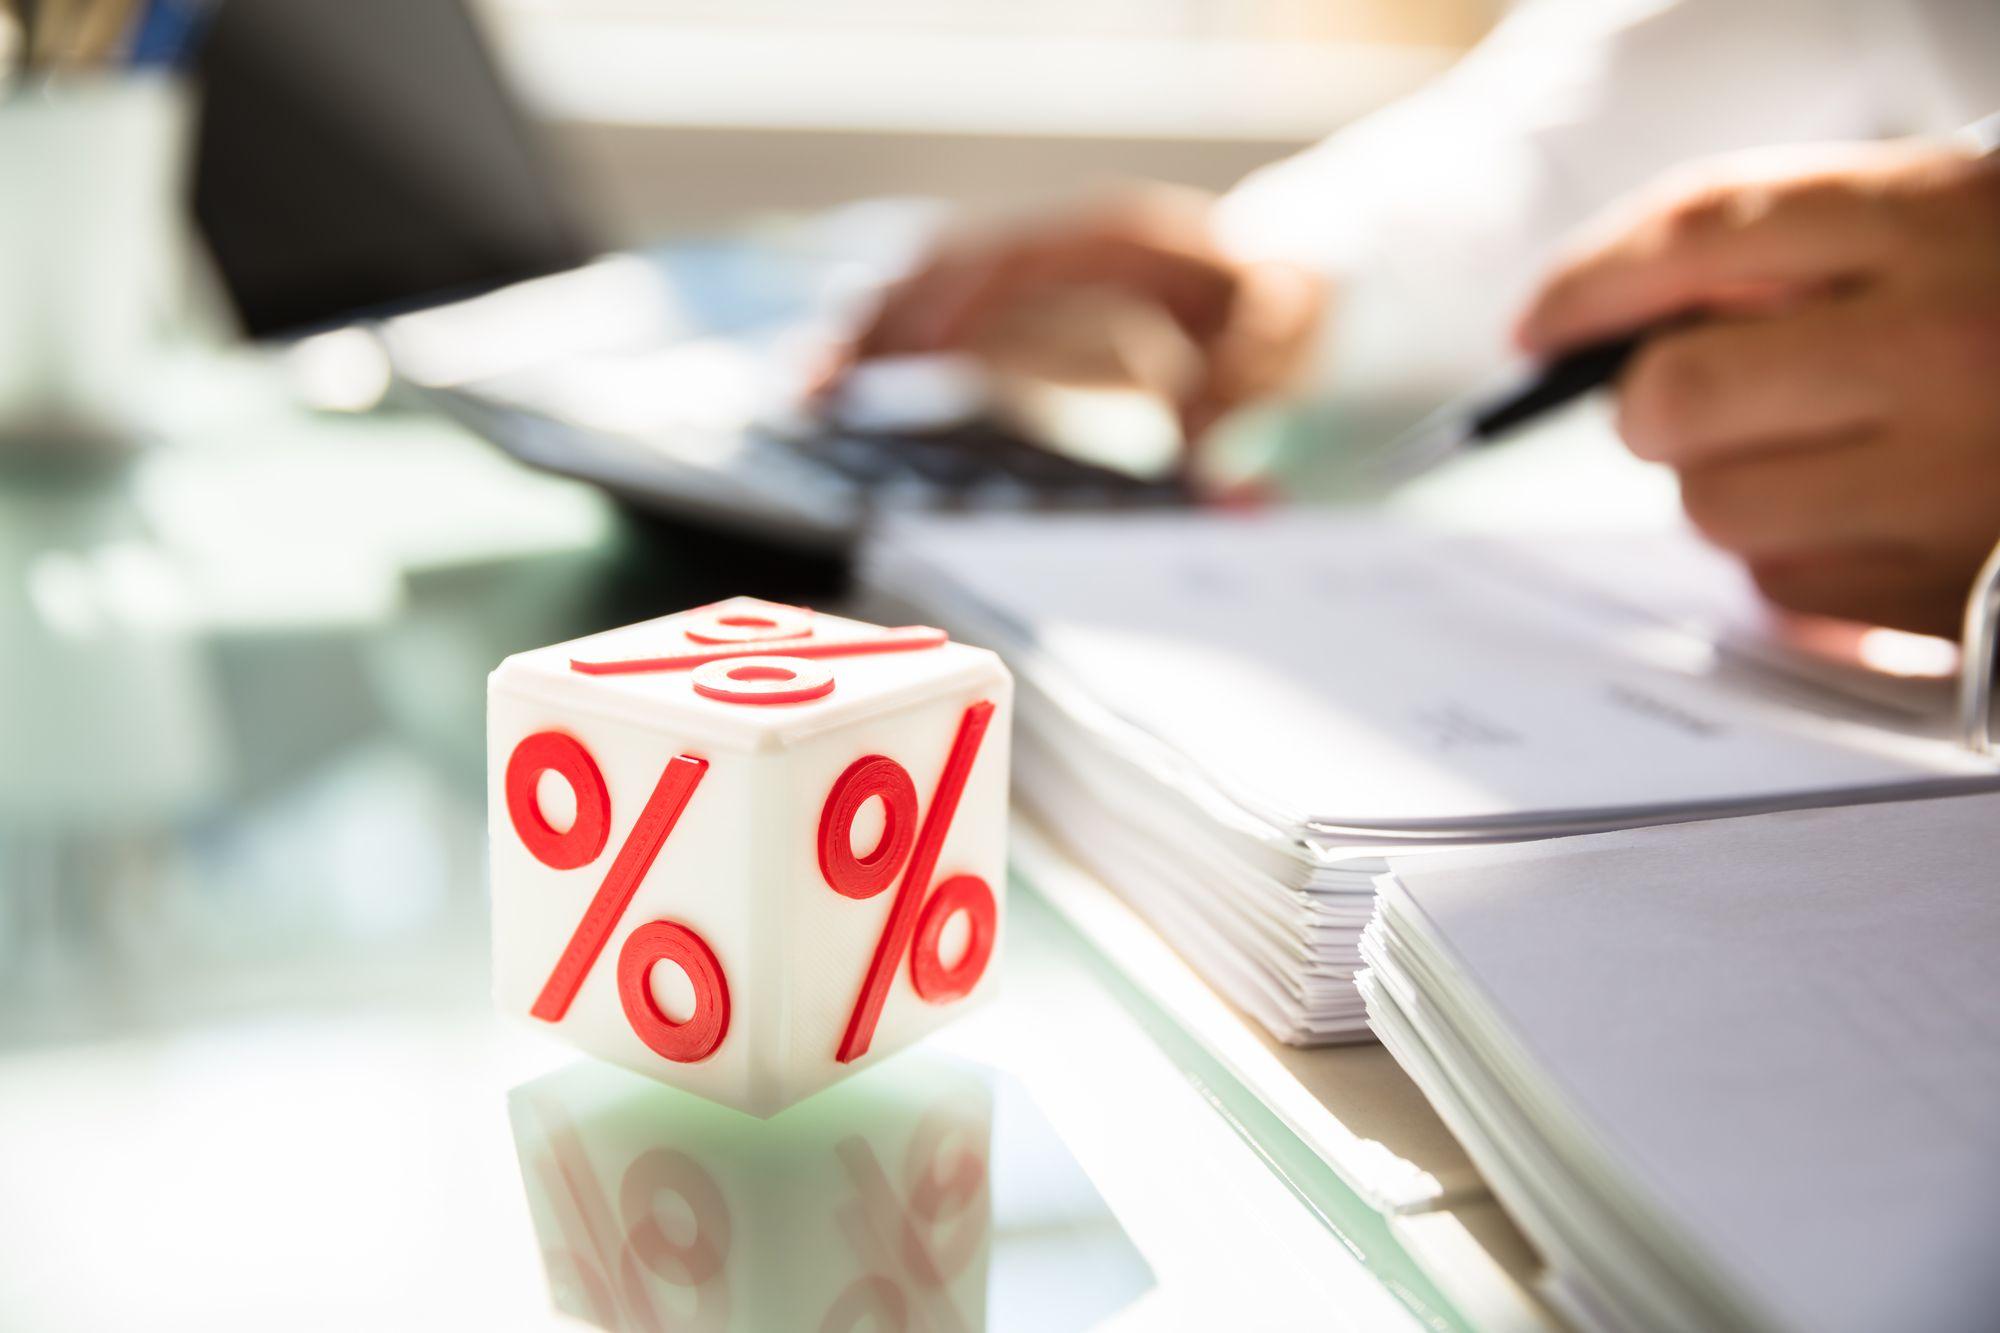 Redução de custos na clínica: como fazer de maneira eficiente